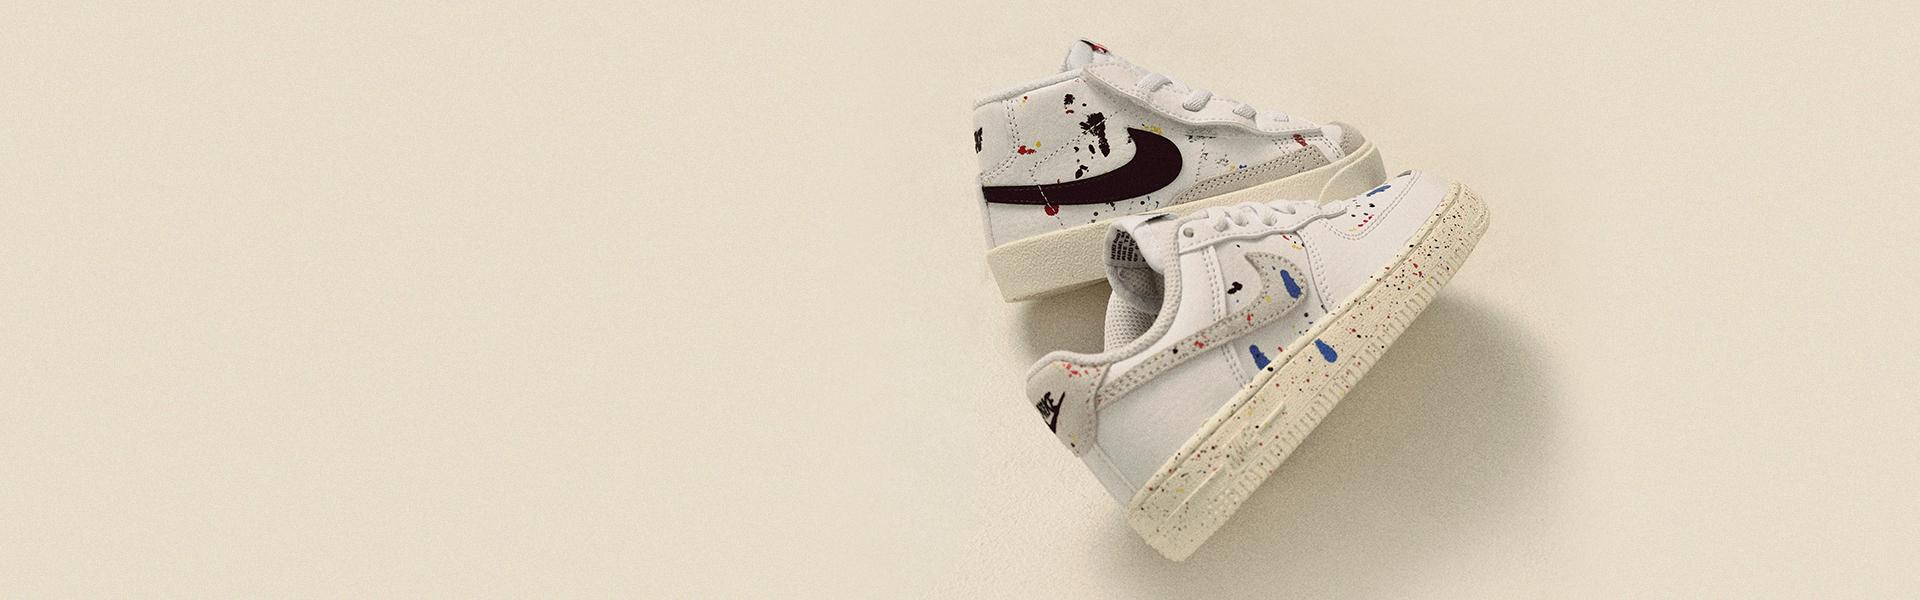 New Footwear KIDS